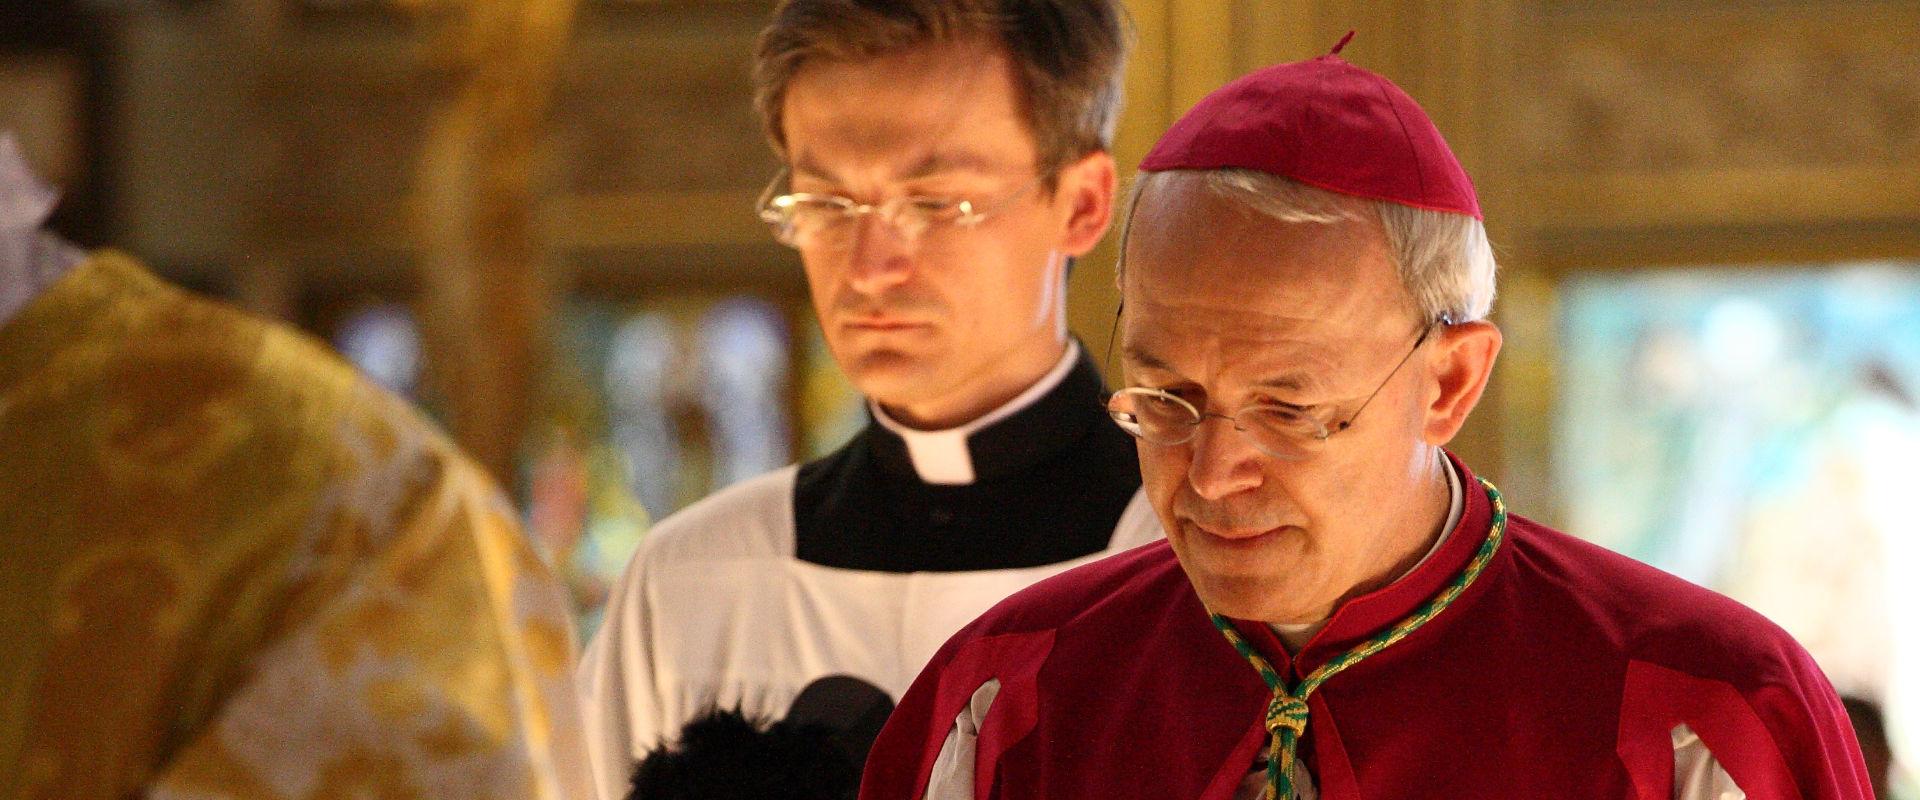 monseñor athansius schneider krouillong comunion en la mano es sacrilegio 3